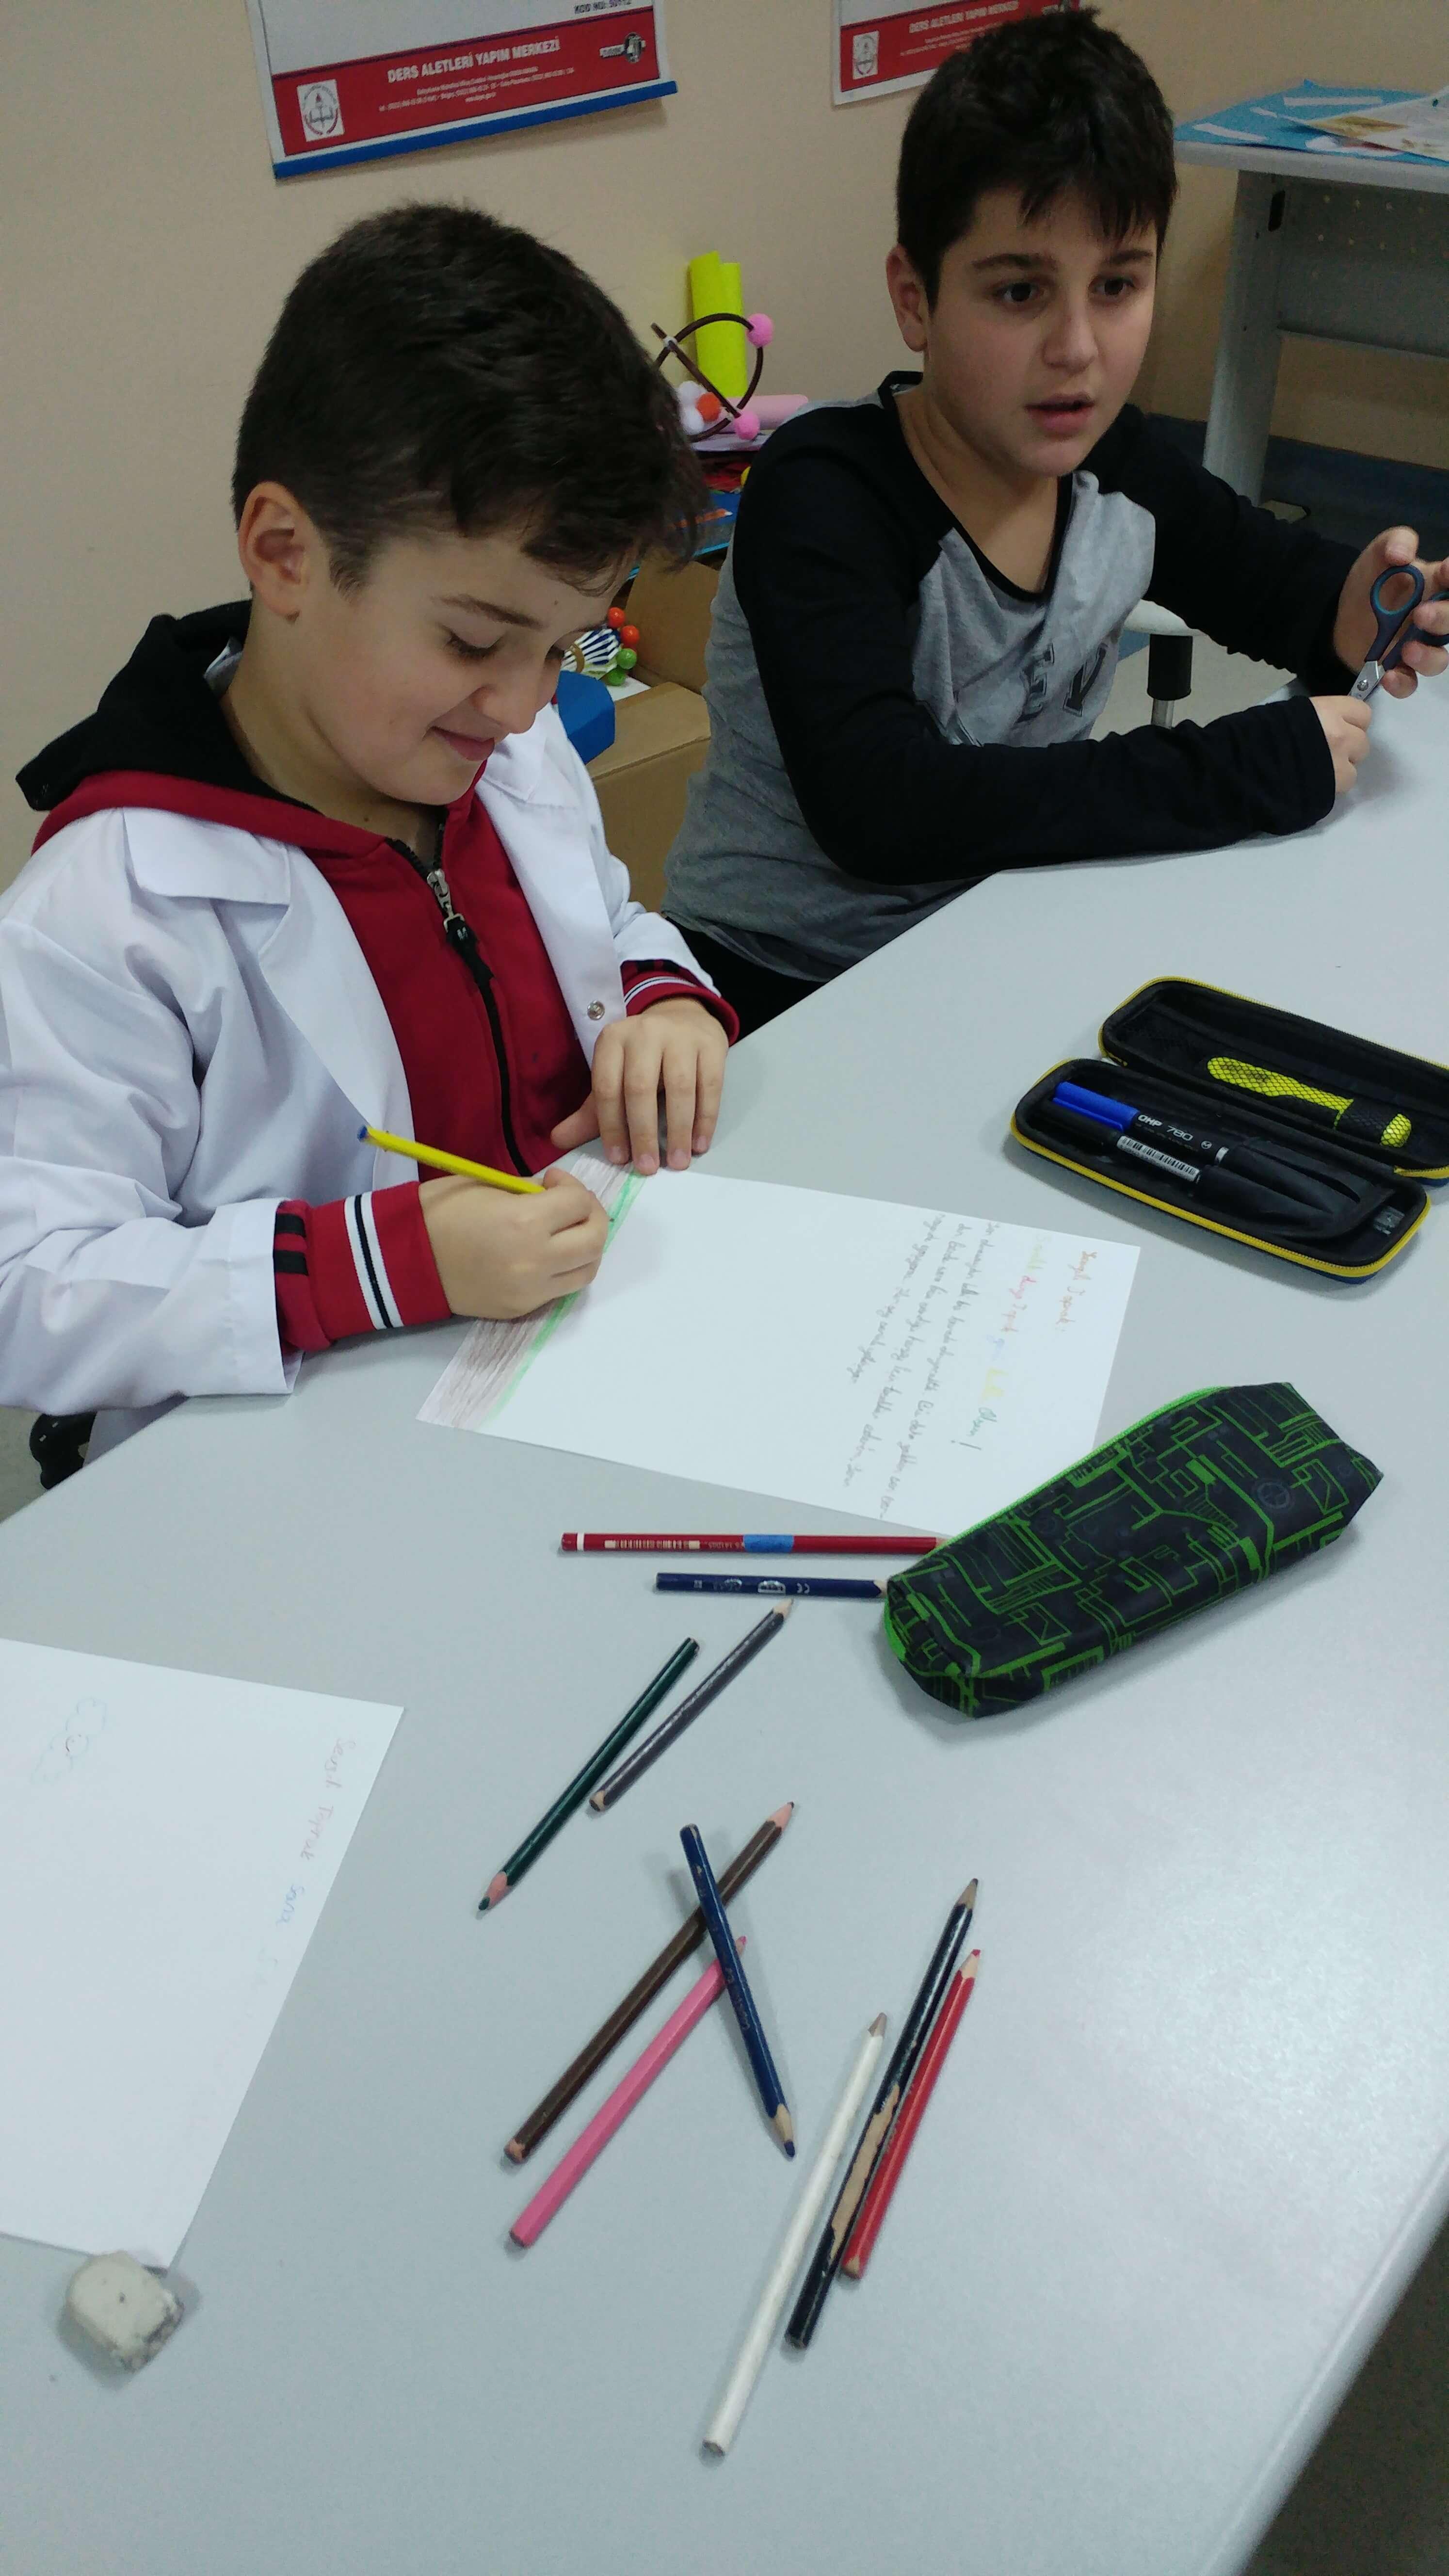 """Çevreyi Yaşatma Kulübü Öğrencilerimiz """"5 Aralık Dünya Toprak Günü"""" İle İlgili Çalışmalar Hazırladılar"""